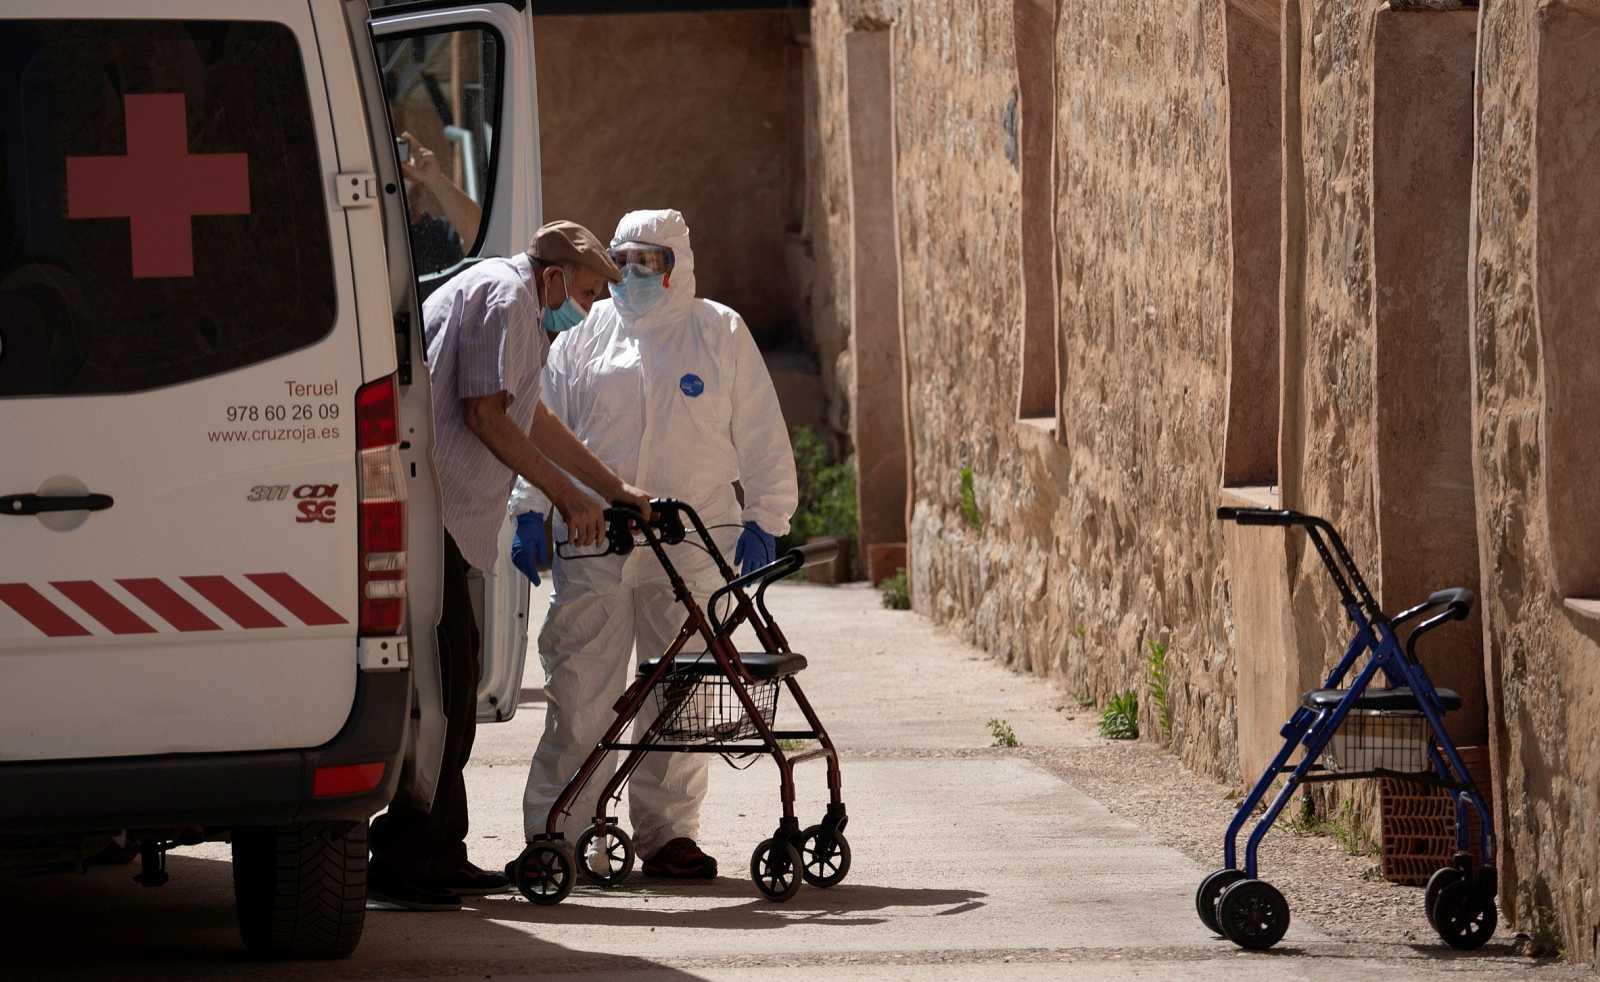 Residentes de Burbagena (Teruel) son trasladados a Albarracín (Teruel), debido a un brote de coronavirus.